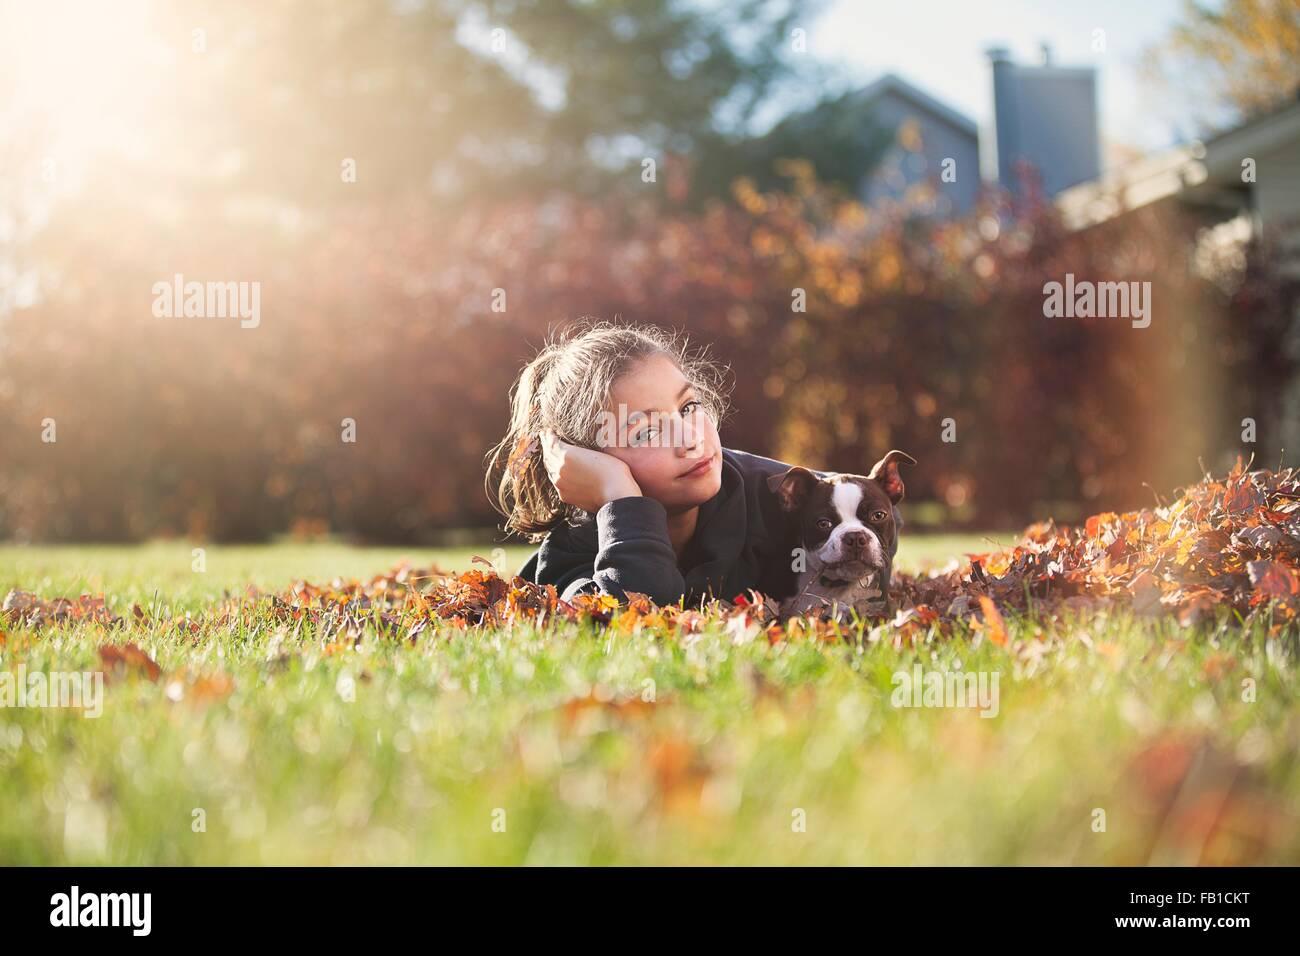 Ragazza con Boston Terrier cucciolo giacente sulla parte anteriore su foglie di autunno ricoperto di erba, in appoggio Immagini Stock